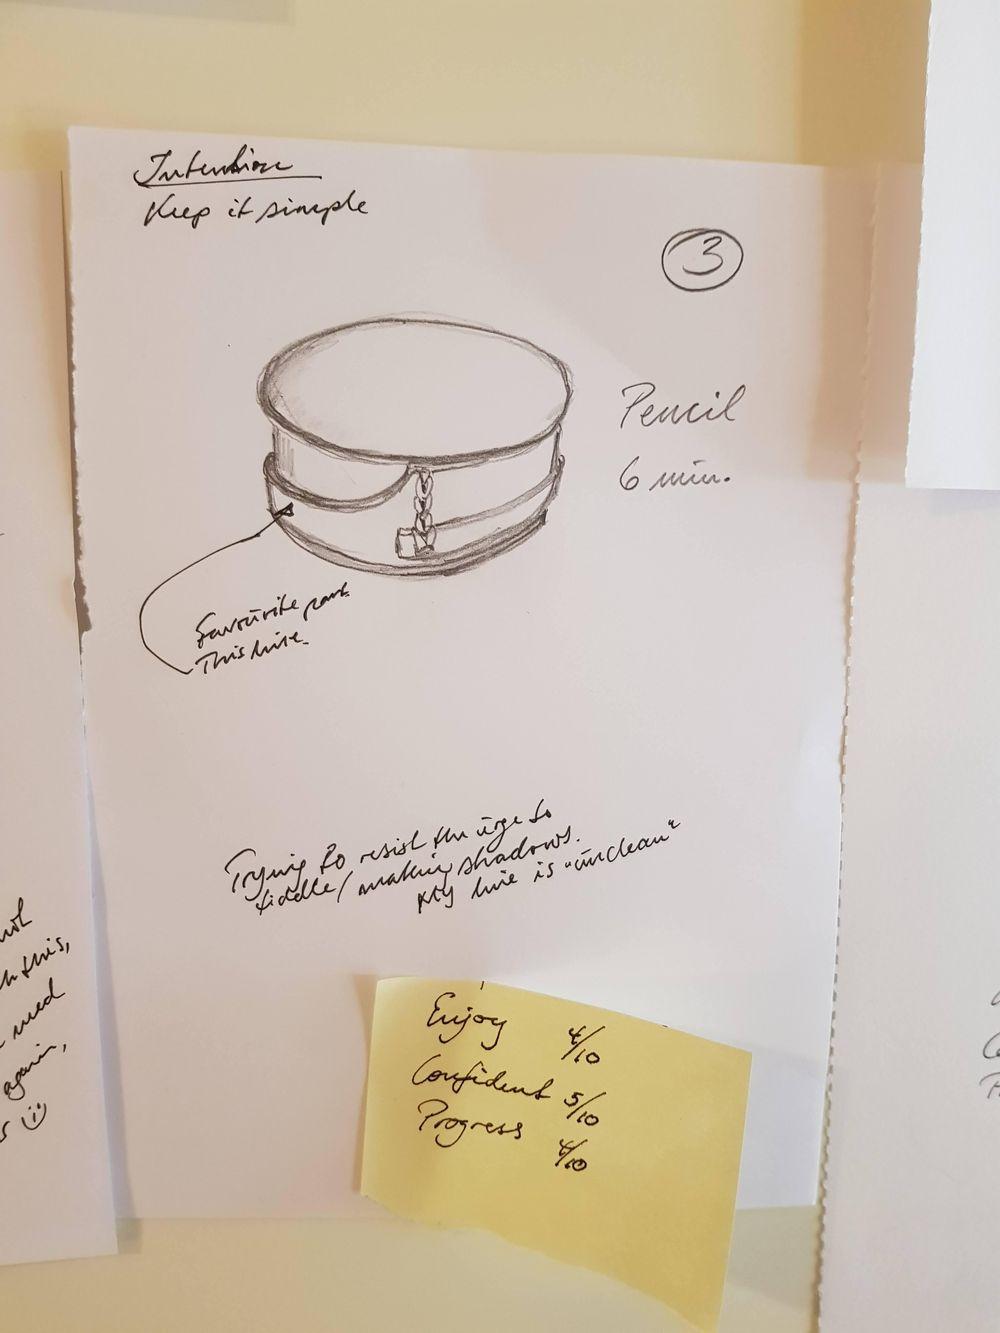 Daglig 6 min 14 dager tegnetrening - image 6 - student project